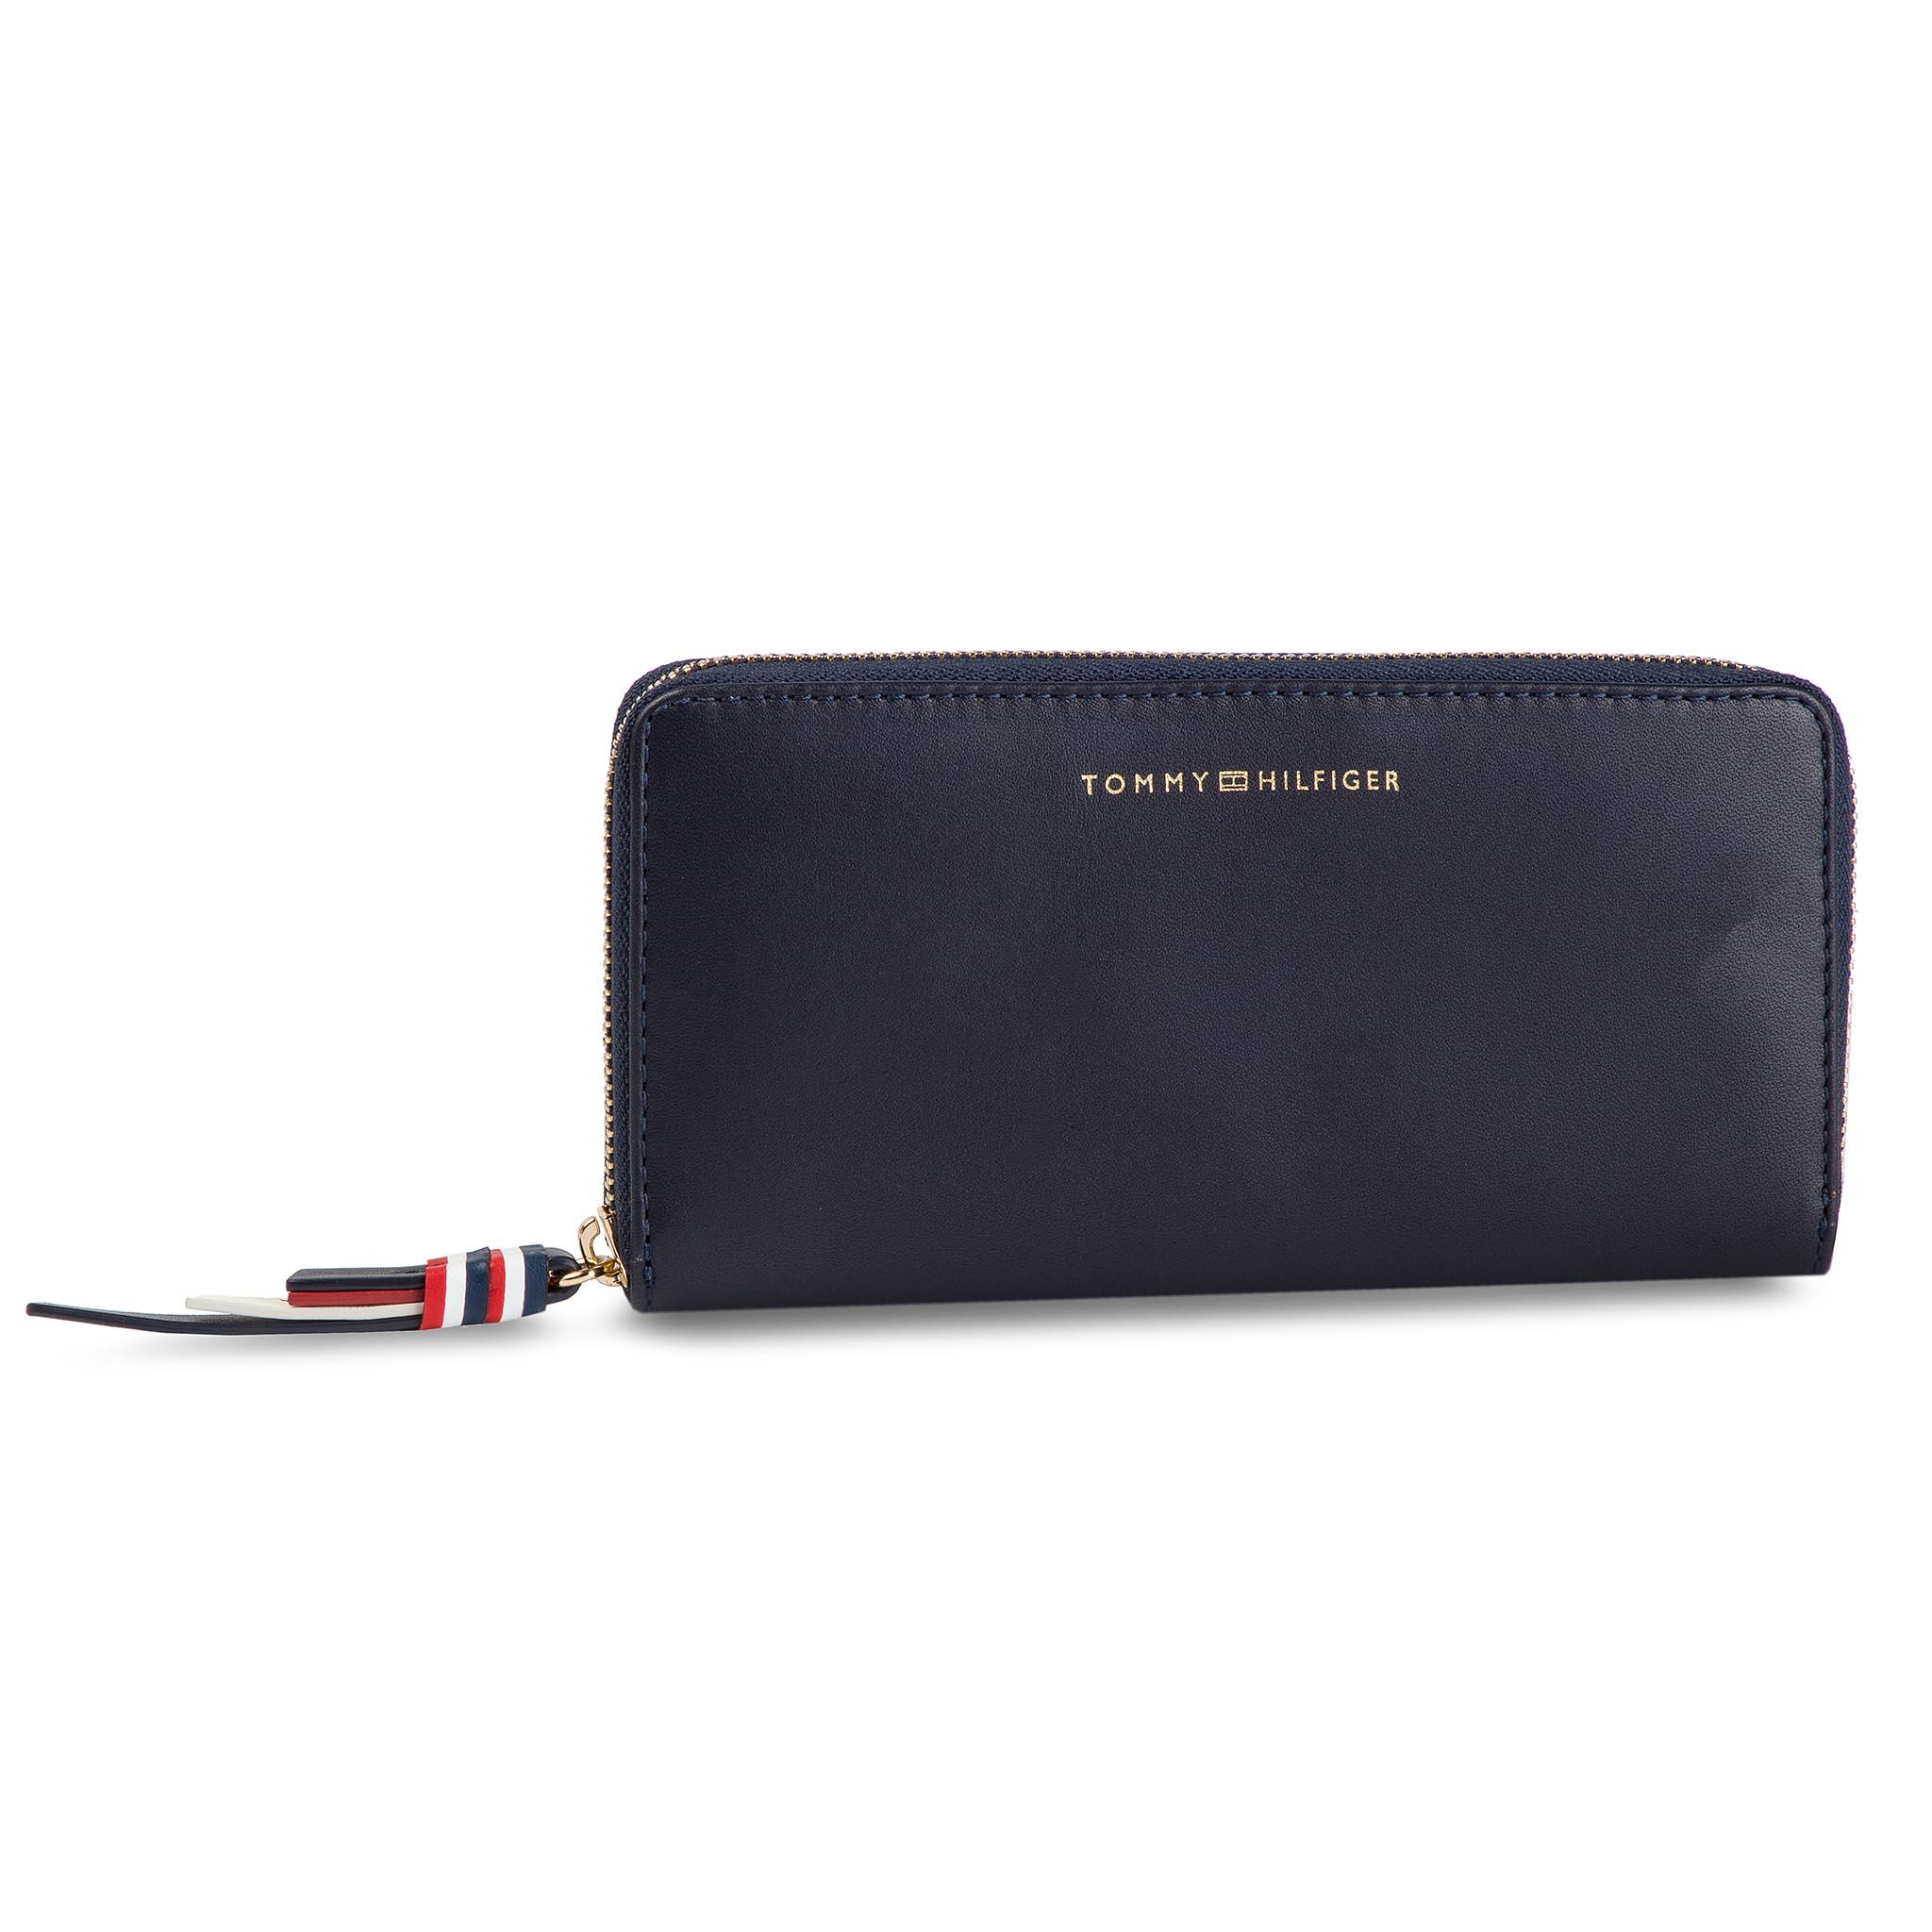 e38dcda933 Veľká Peňaženka Dámska TOMMY HILFIGER - Classic Leather Large Za AW0AW06503  413